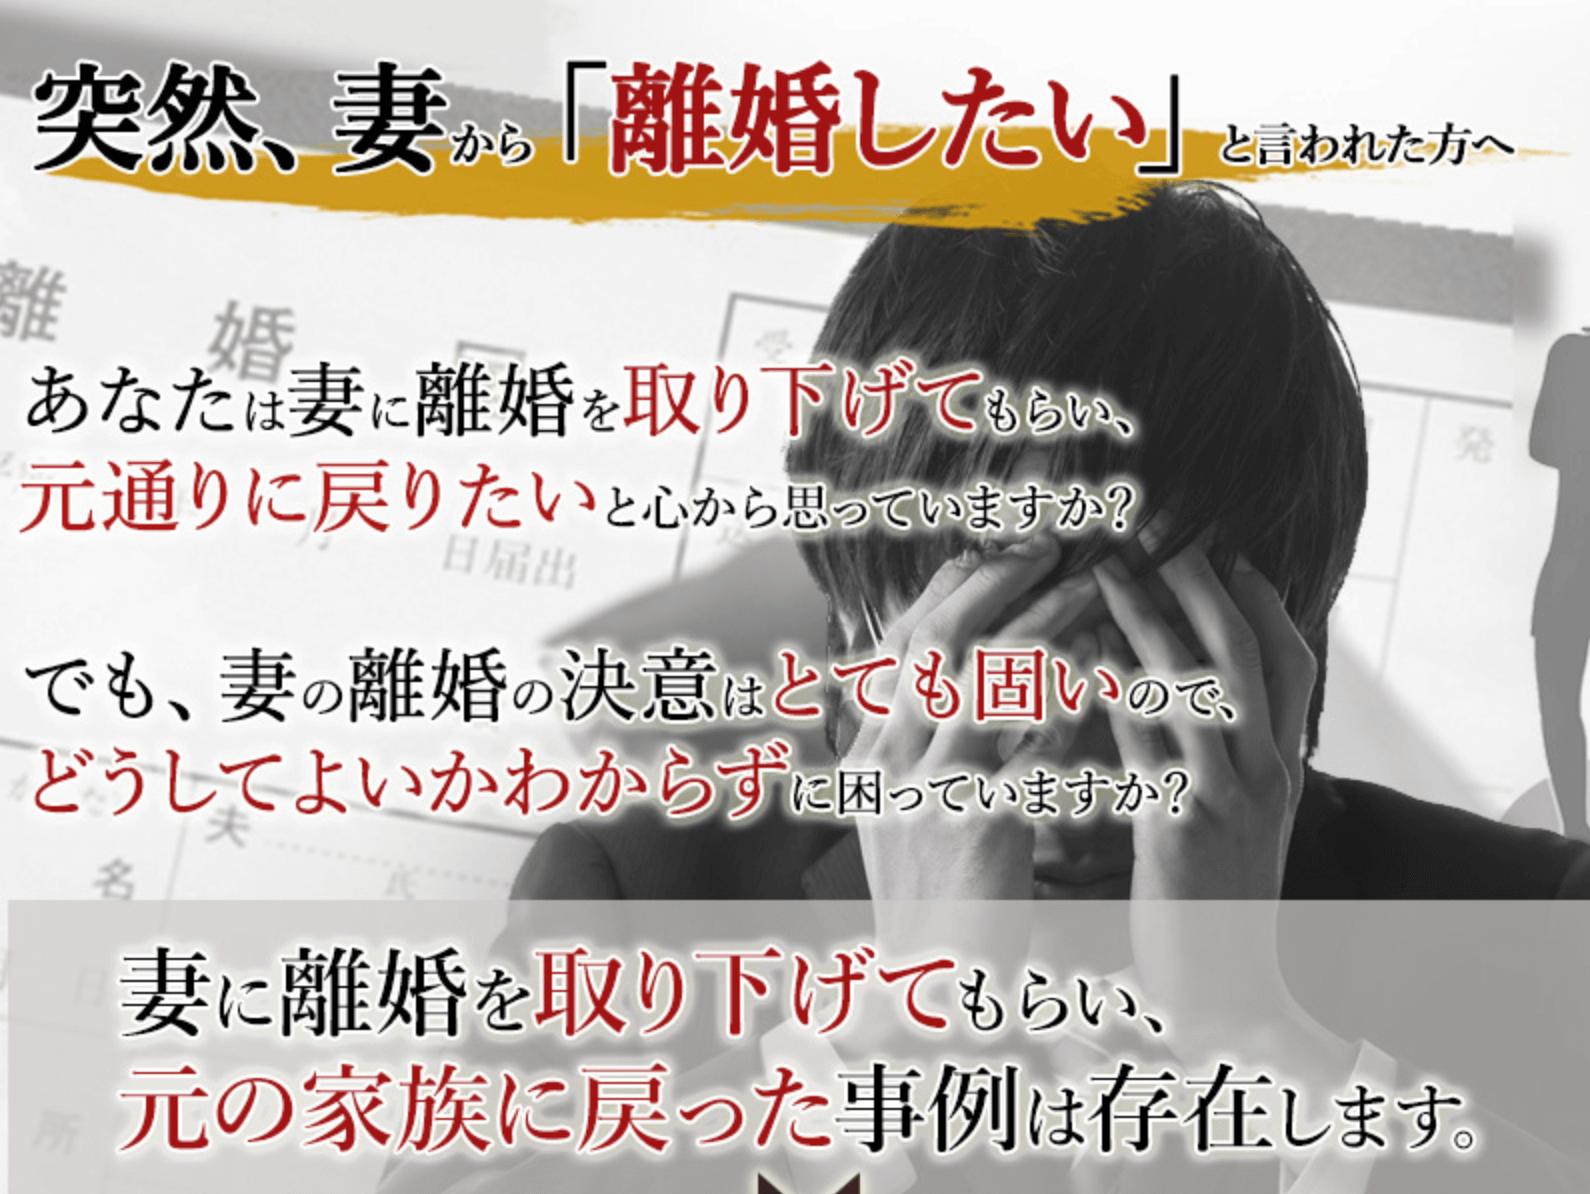 桑島 隆二の「妻に許してもらい離婚を回避する方法』